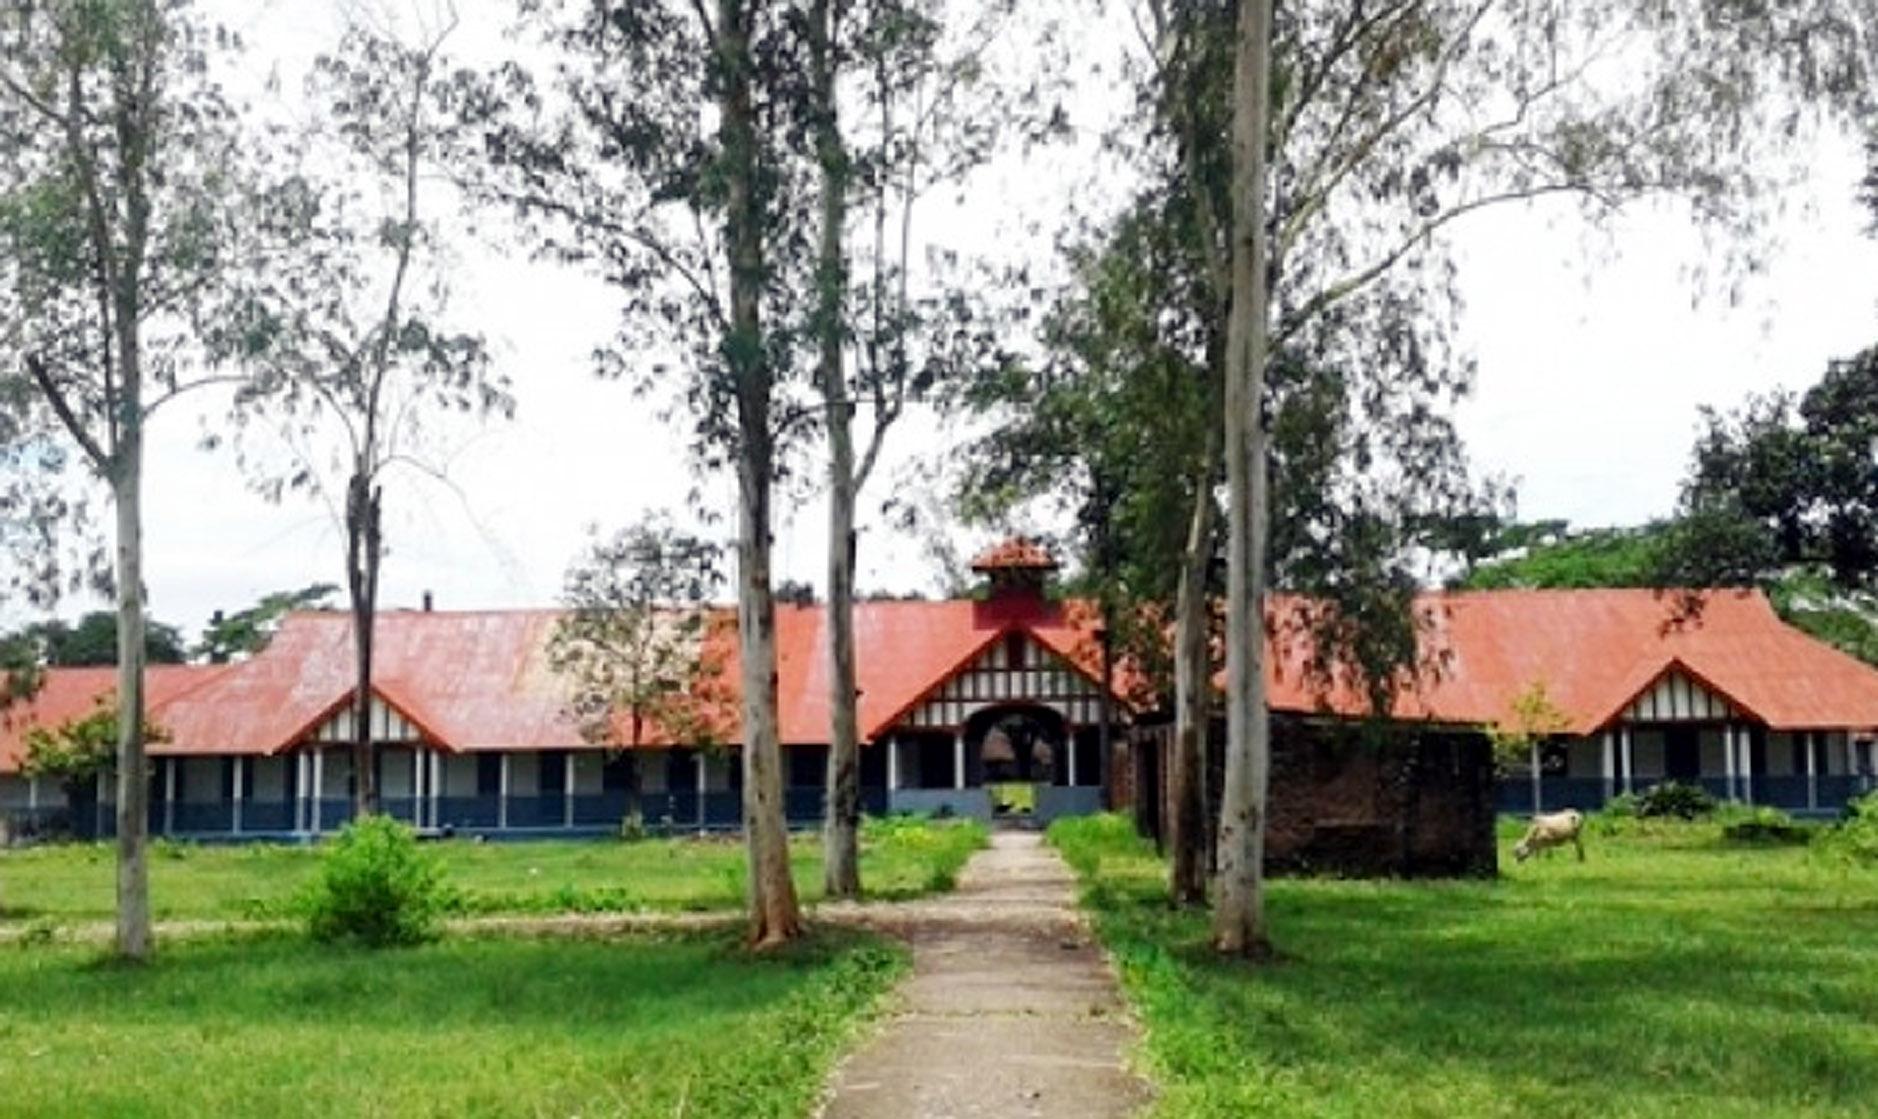 তরুণীকে তুলে নিয়ে এমসি কলেজ ছাত্রাবাসে 'ছাত্রলীগের কক্ষের' সামনে গণধর্ষণ